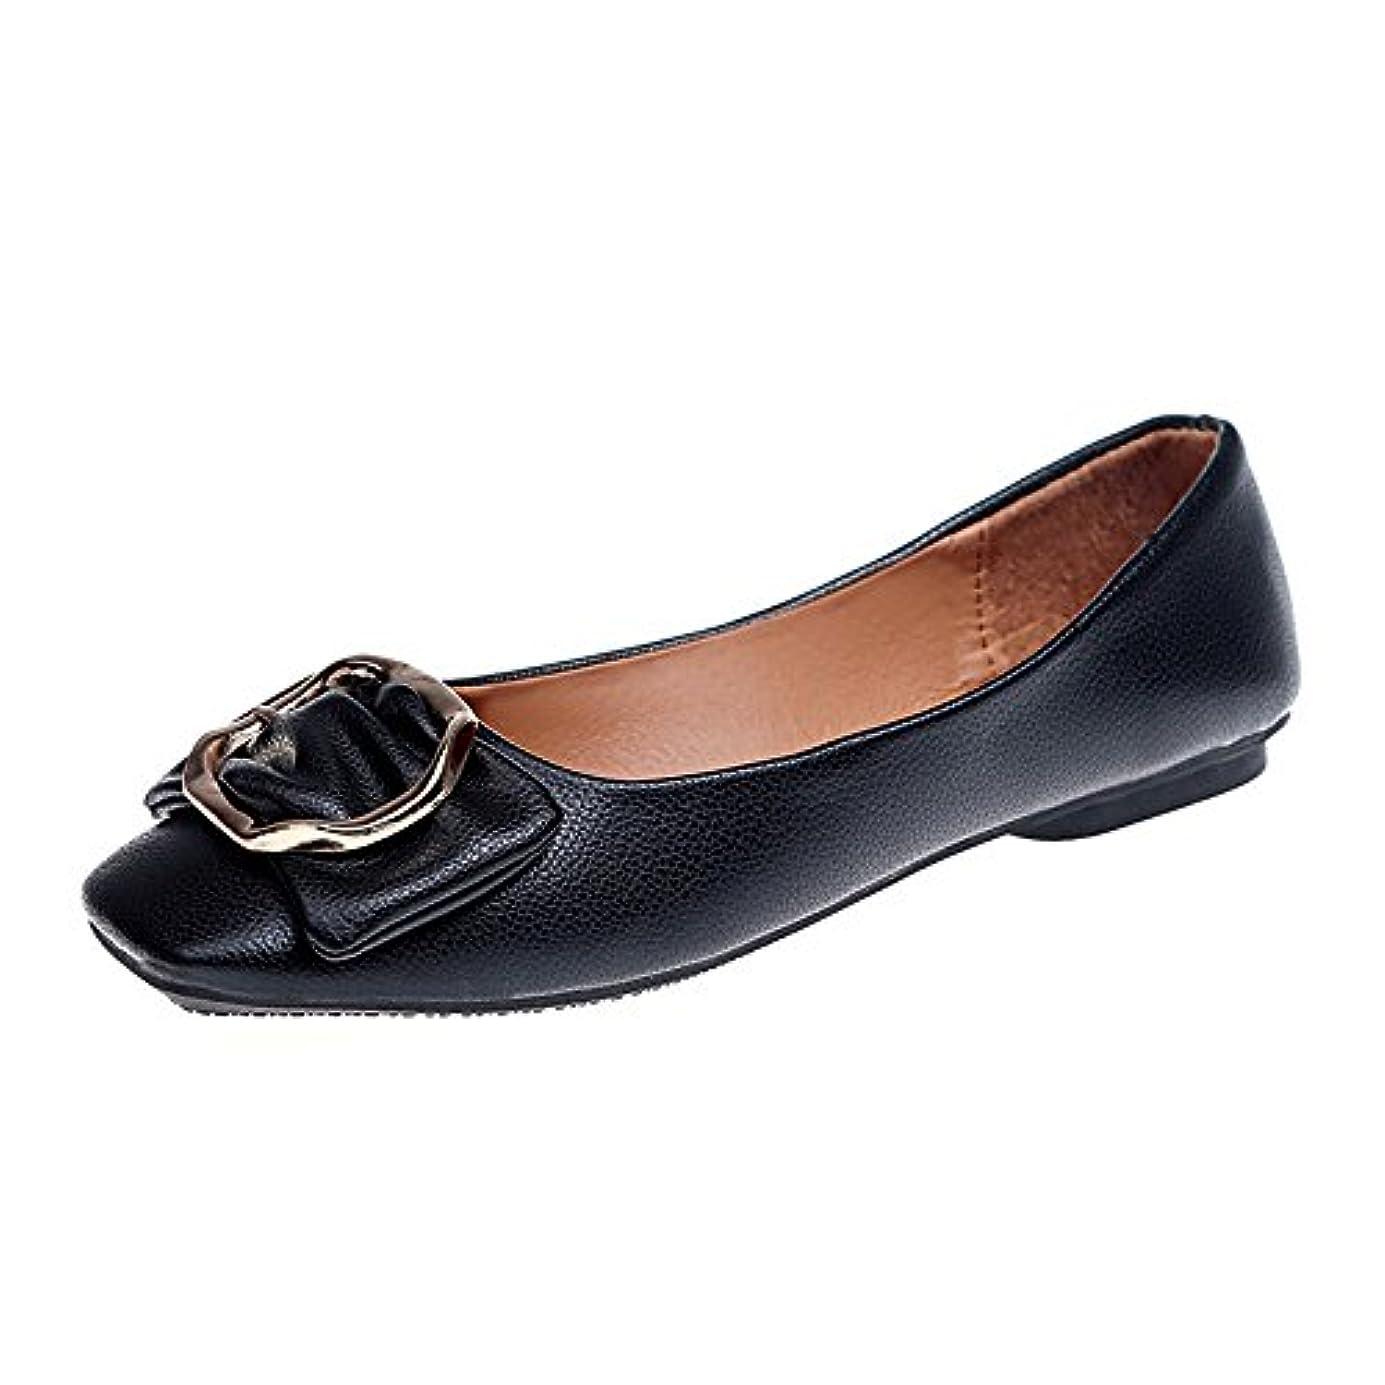 成功した型そんなにレディースフラットシューズHodarey 女性 弓 スクエアヘッド スクエアバックル 浅シングルシューズ 歩きやすい 通気性 おしゃれ プラットシューズ ファッション カジュアル シューズ 女性の靴 アウトドアトシューズ...